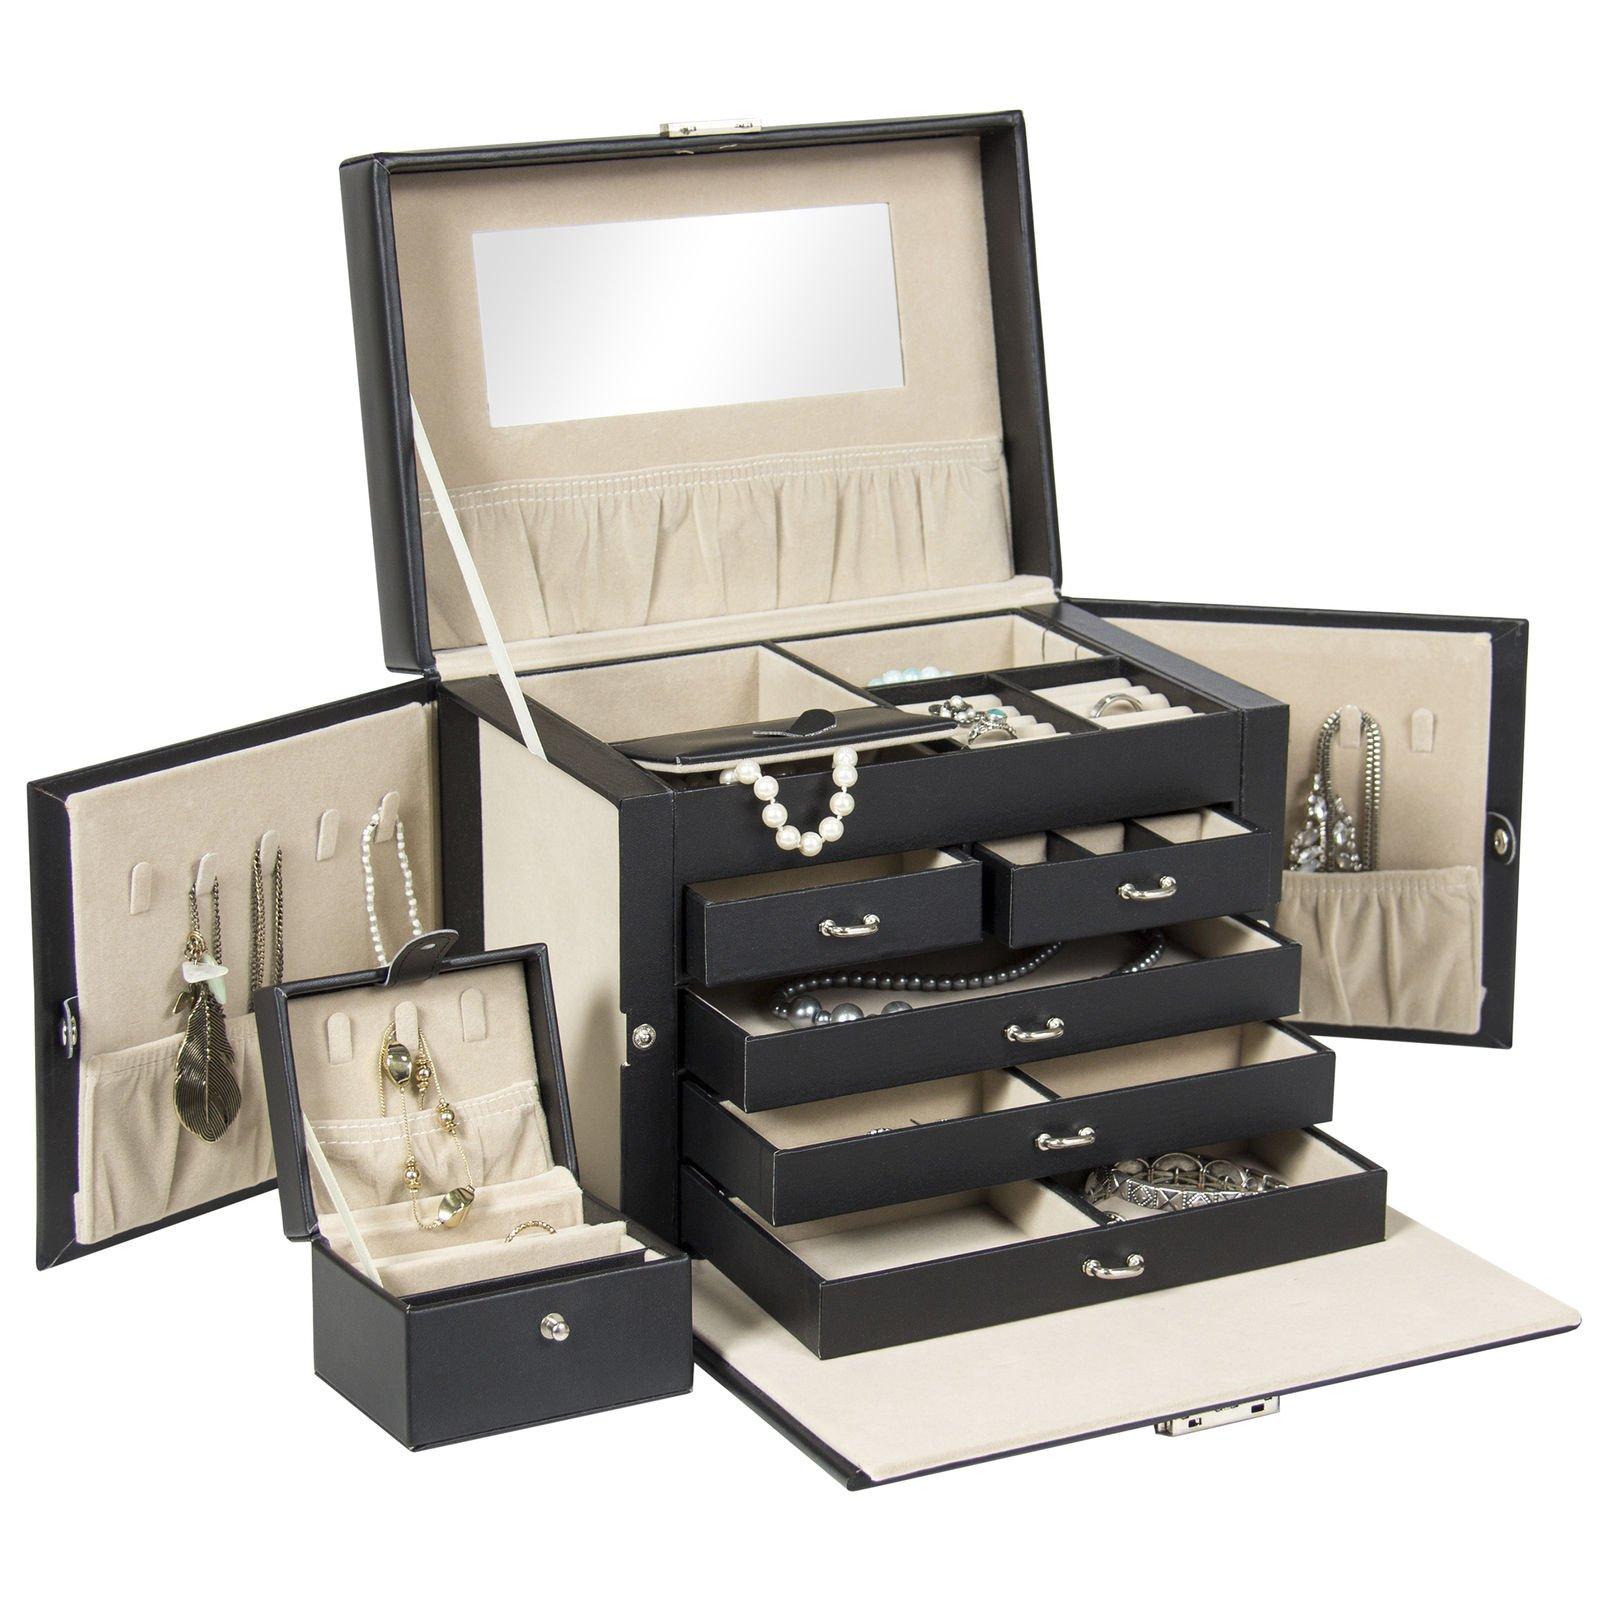 Eight24hours Leather Jewelry Box Organizer Storage W/Mini Travel Case